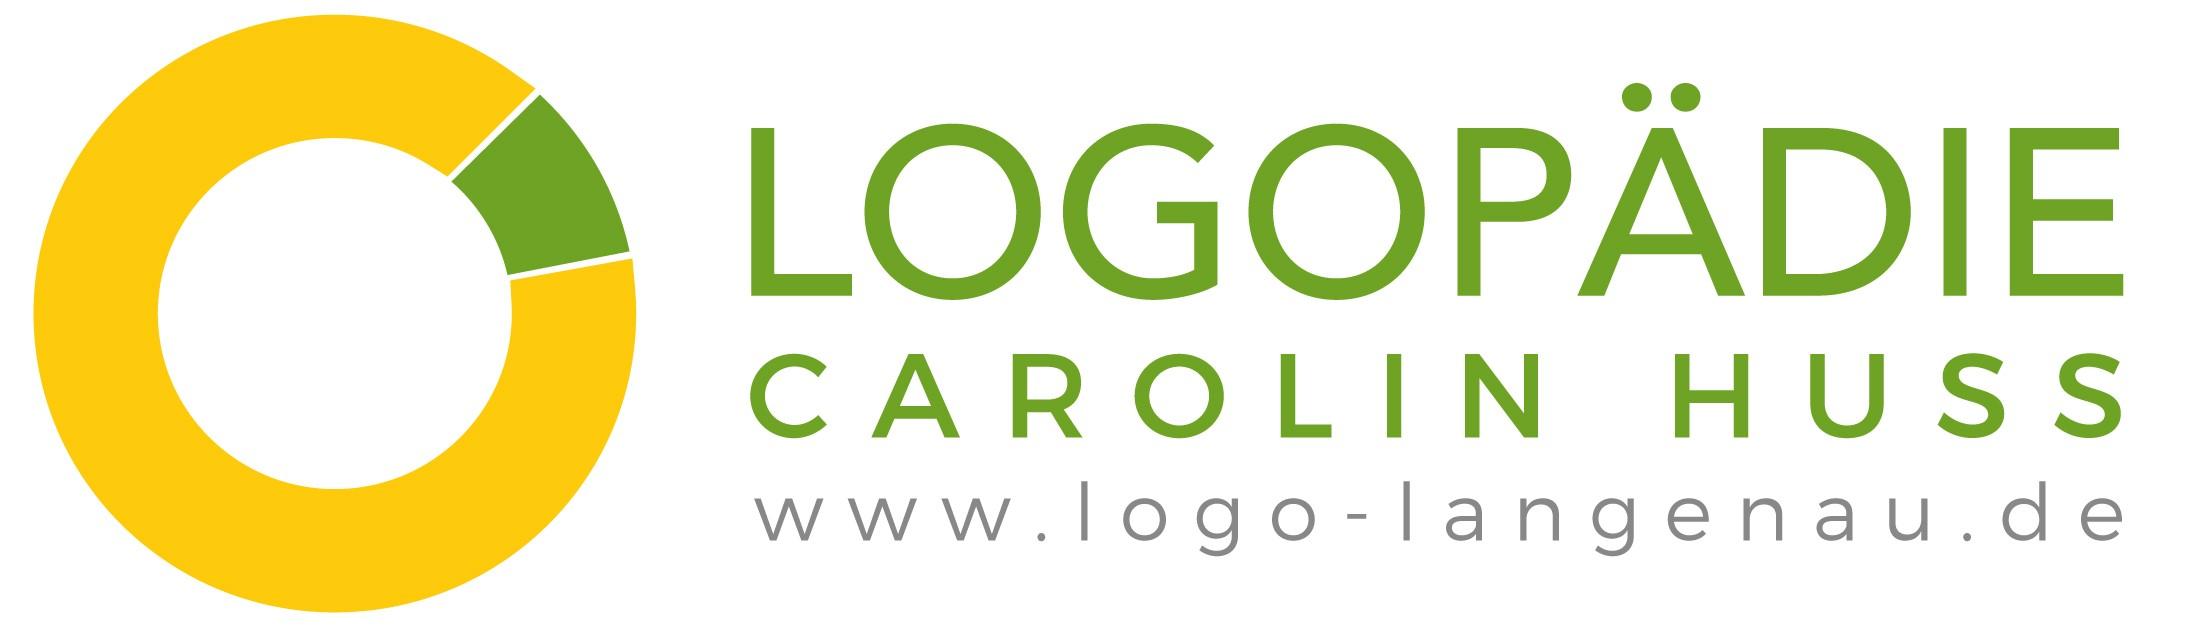 Das Logo von Logopädie Carolin Huss